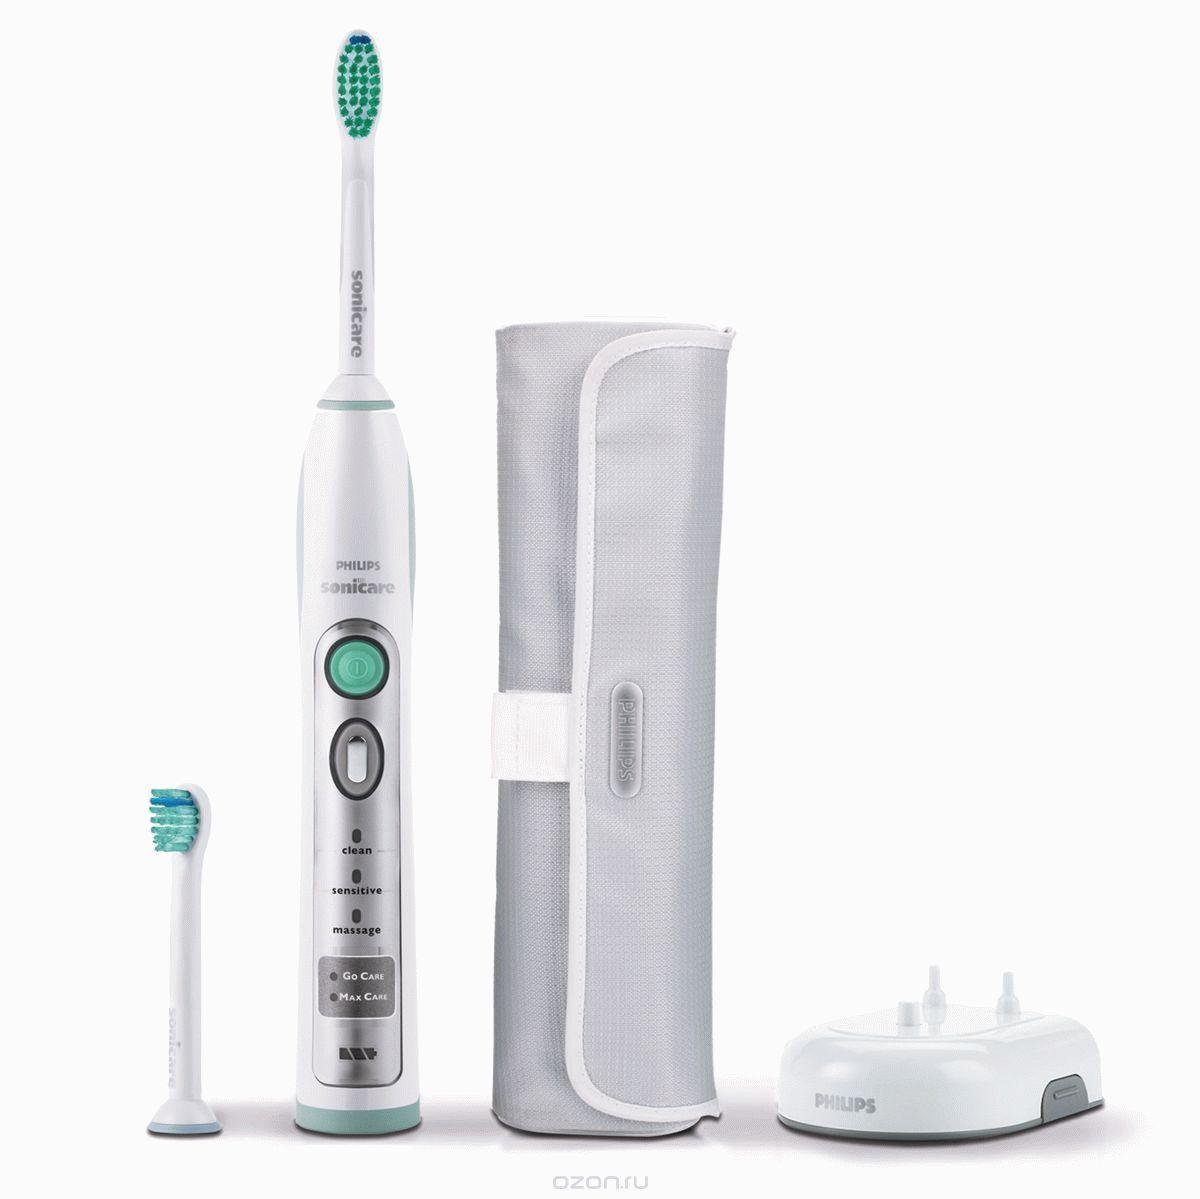 Как выбрать правильную электрическую зубную щетку для ребенка?